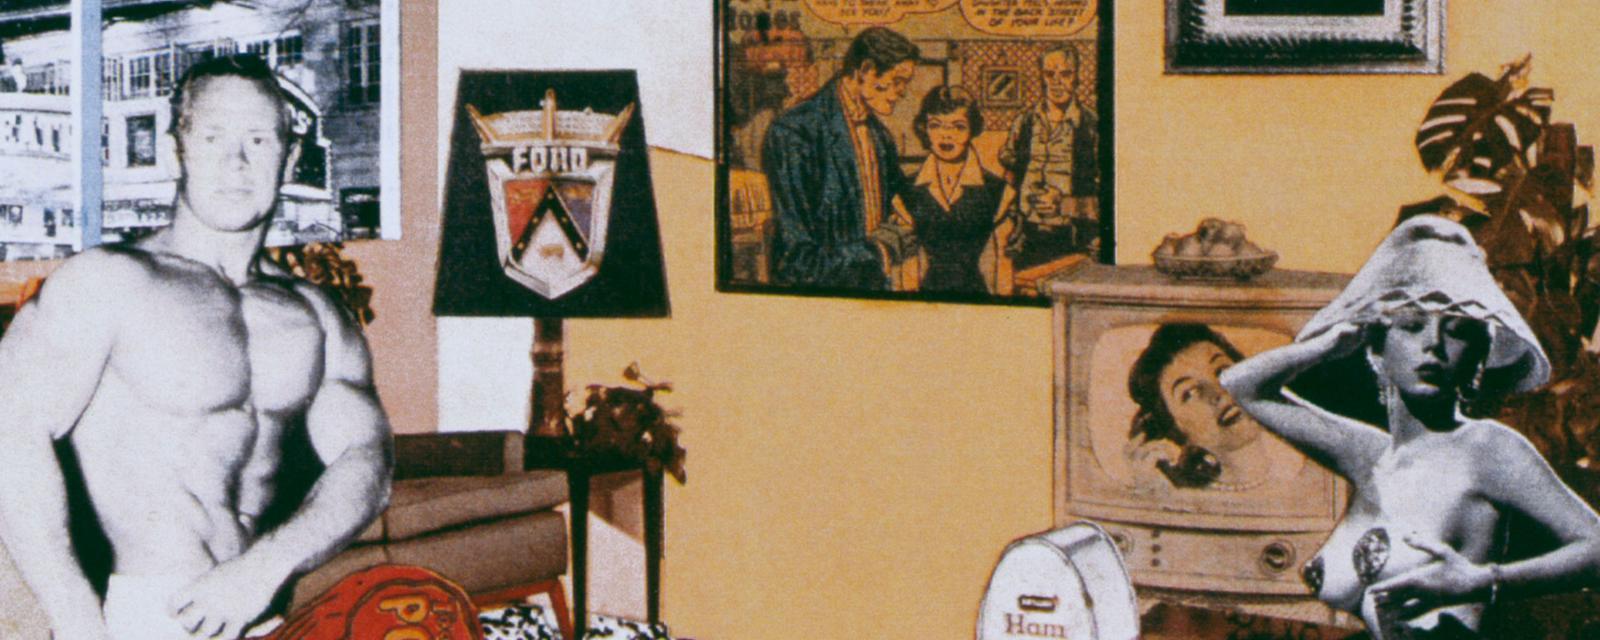 波普艺术之父:理查德 183 汉密尔顿 1 中国日报网